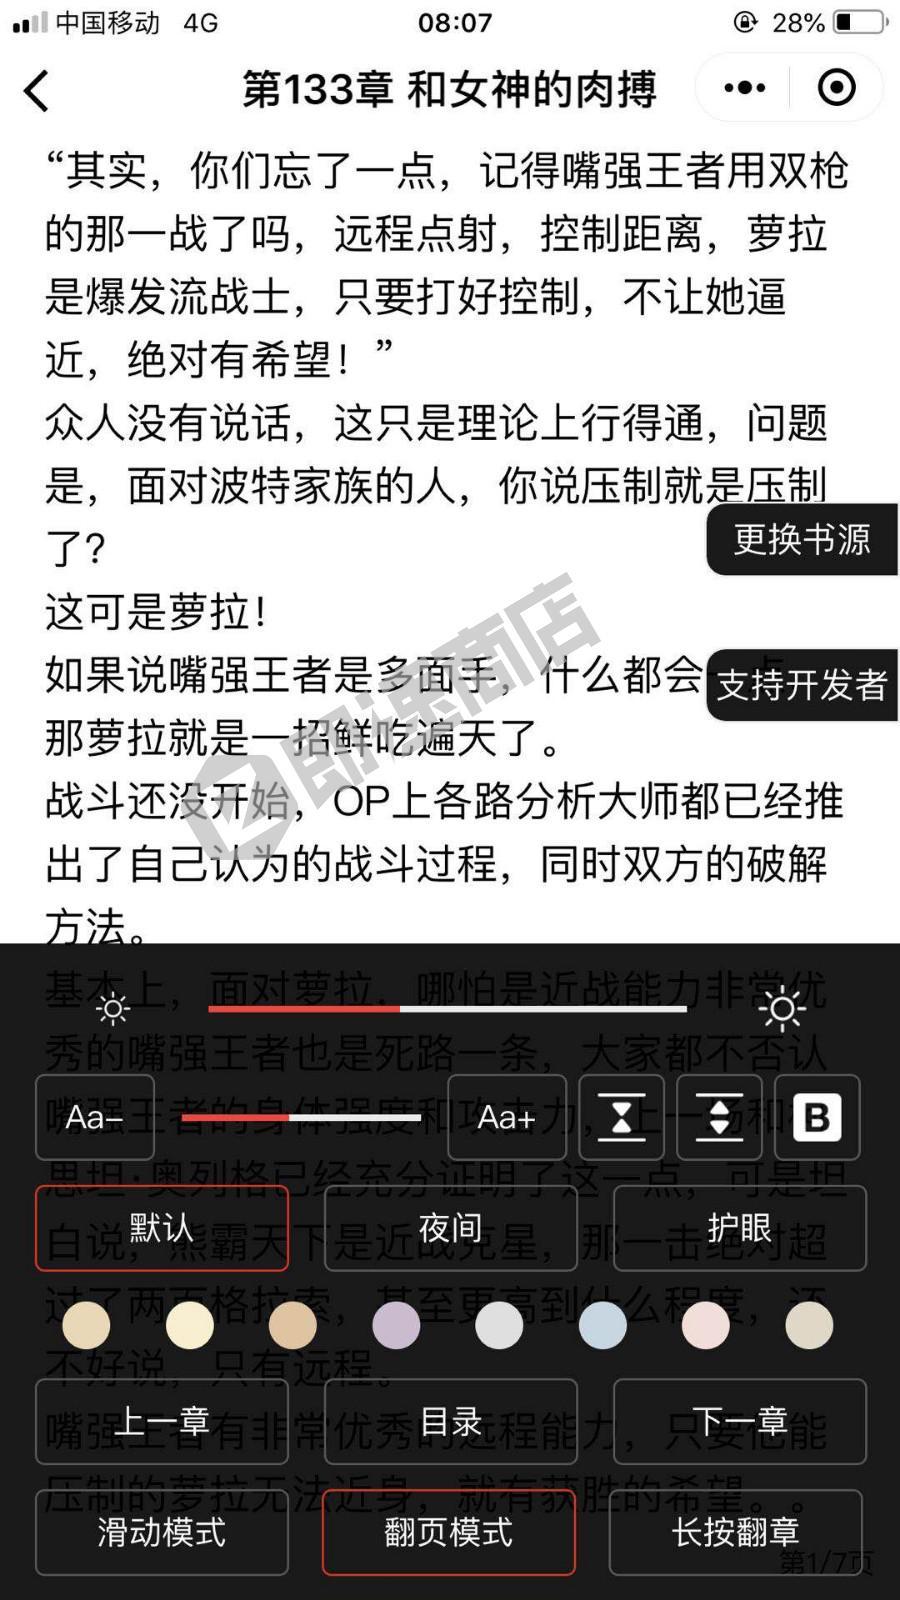 笔趣阁免费小说小程序详情页截图2